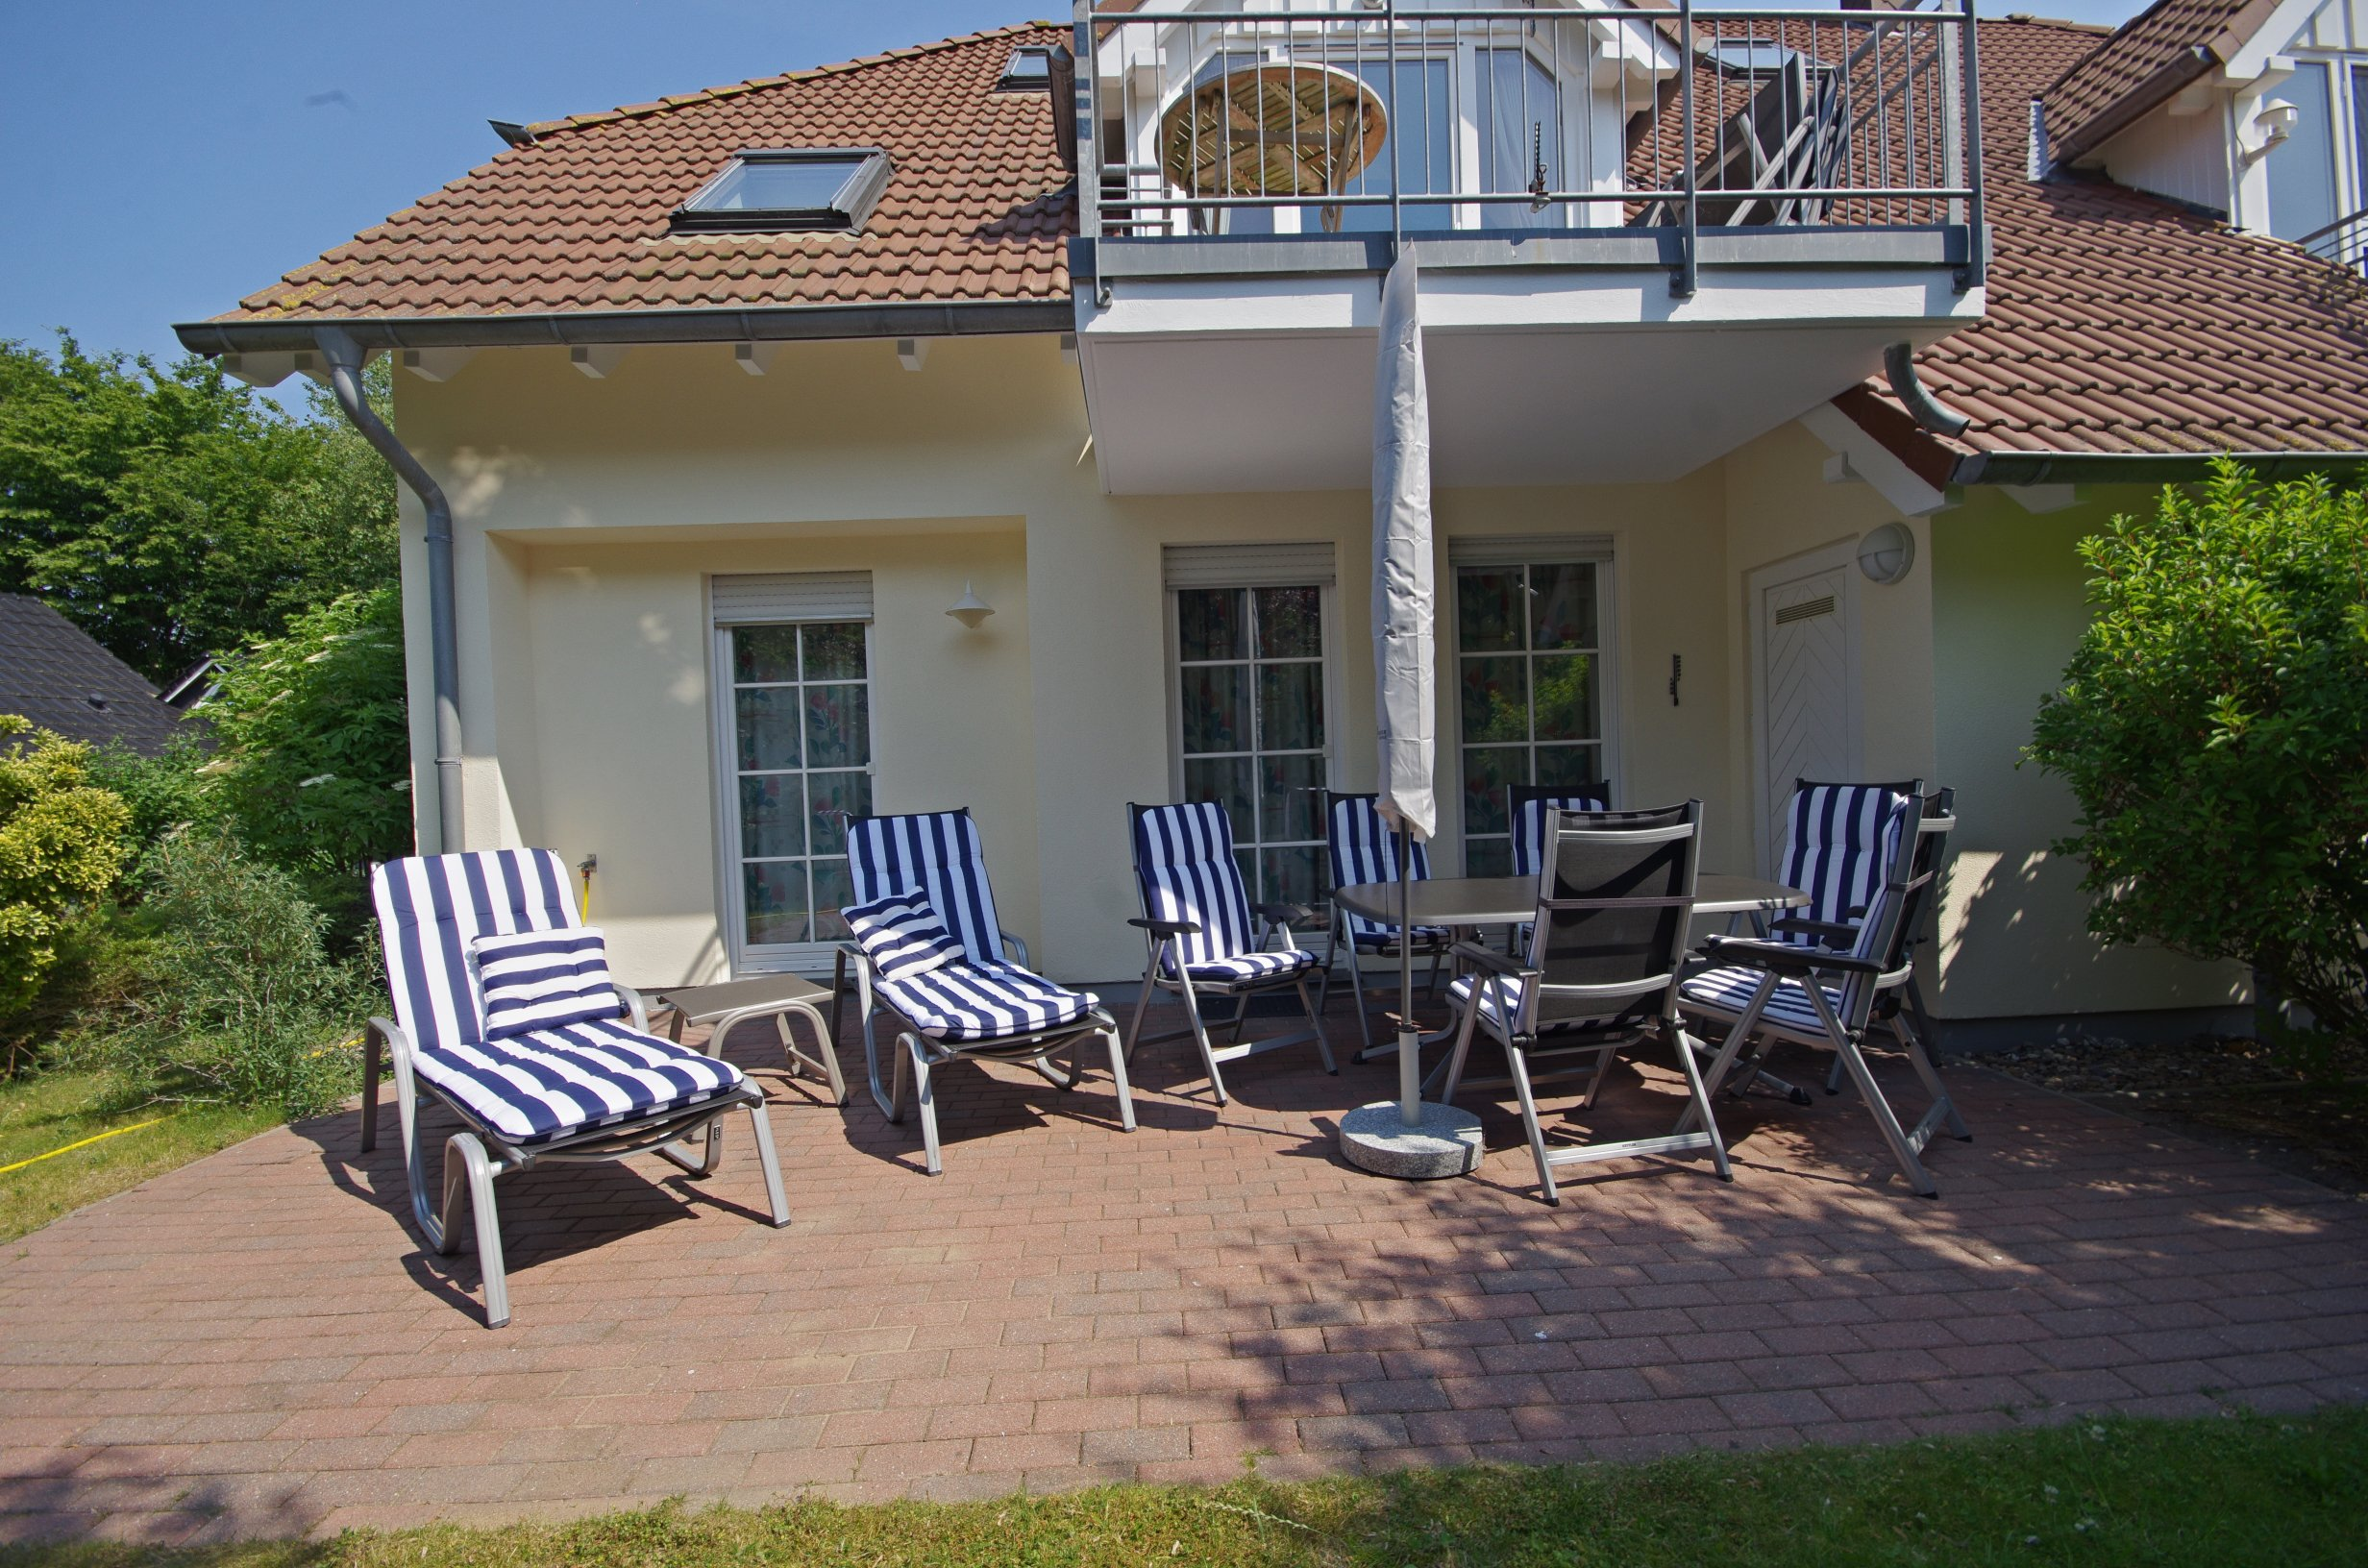 Ferienwohnung Strandoase No.1 *** Wustrow - An der Seenotstation 18 Wustrow - Anbieter Hentschel